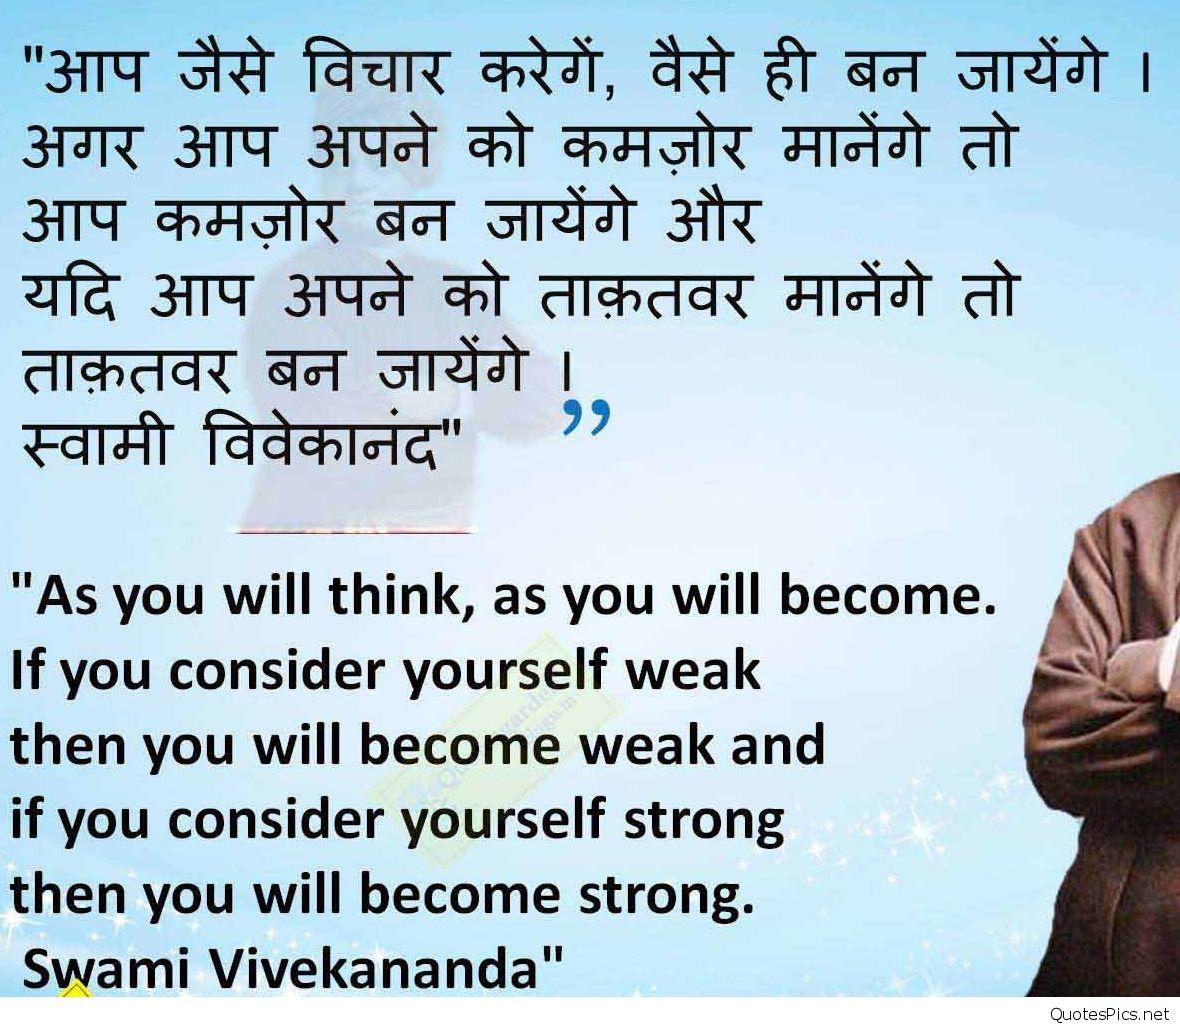 Amit Kumar Shukla On Twitter